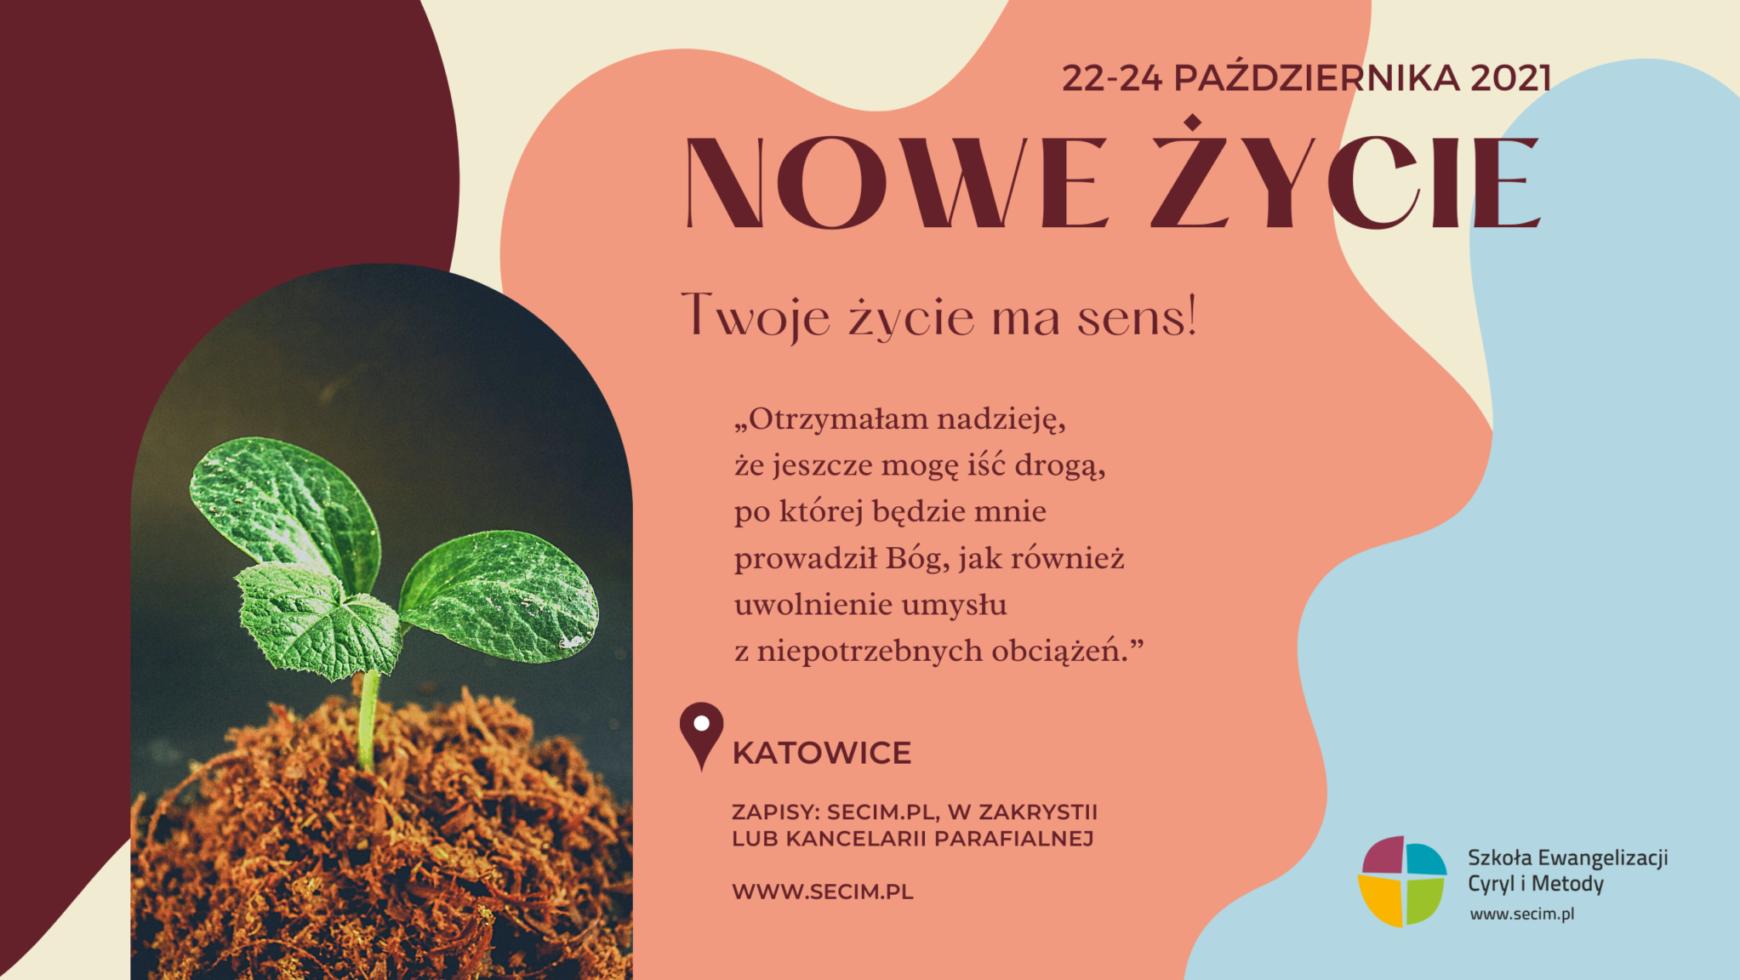 Kurs Nowe Życie, Katowice 22-24.10.2021. Są jeszcze wolne miejsca!